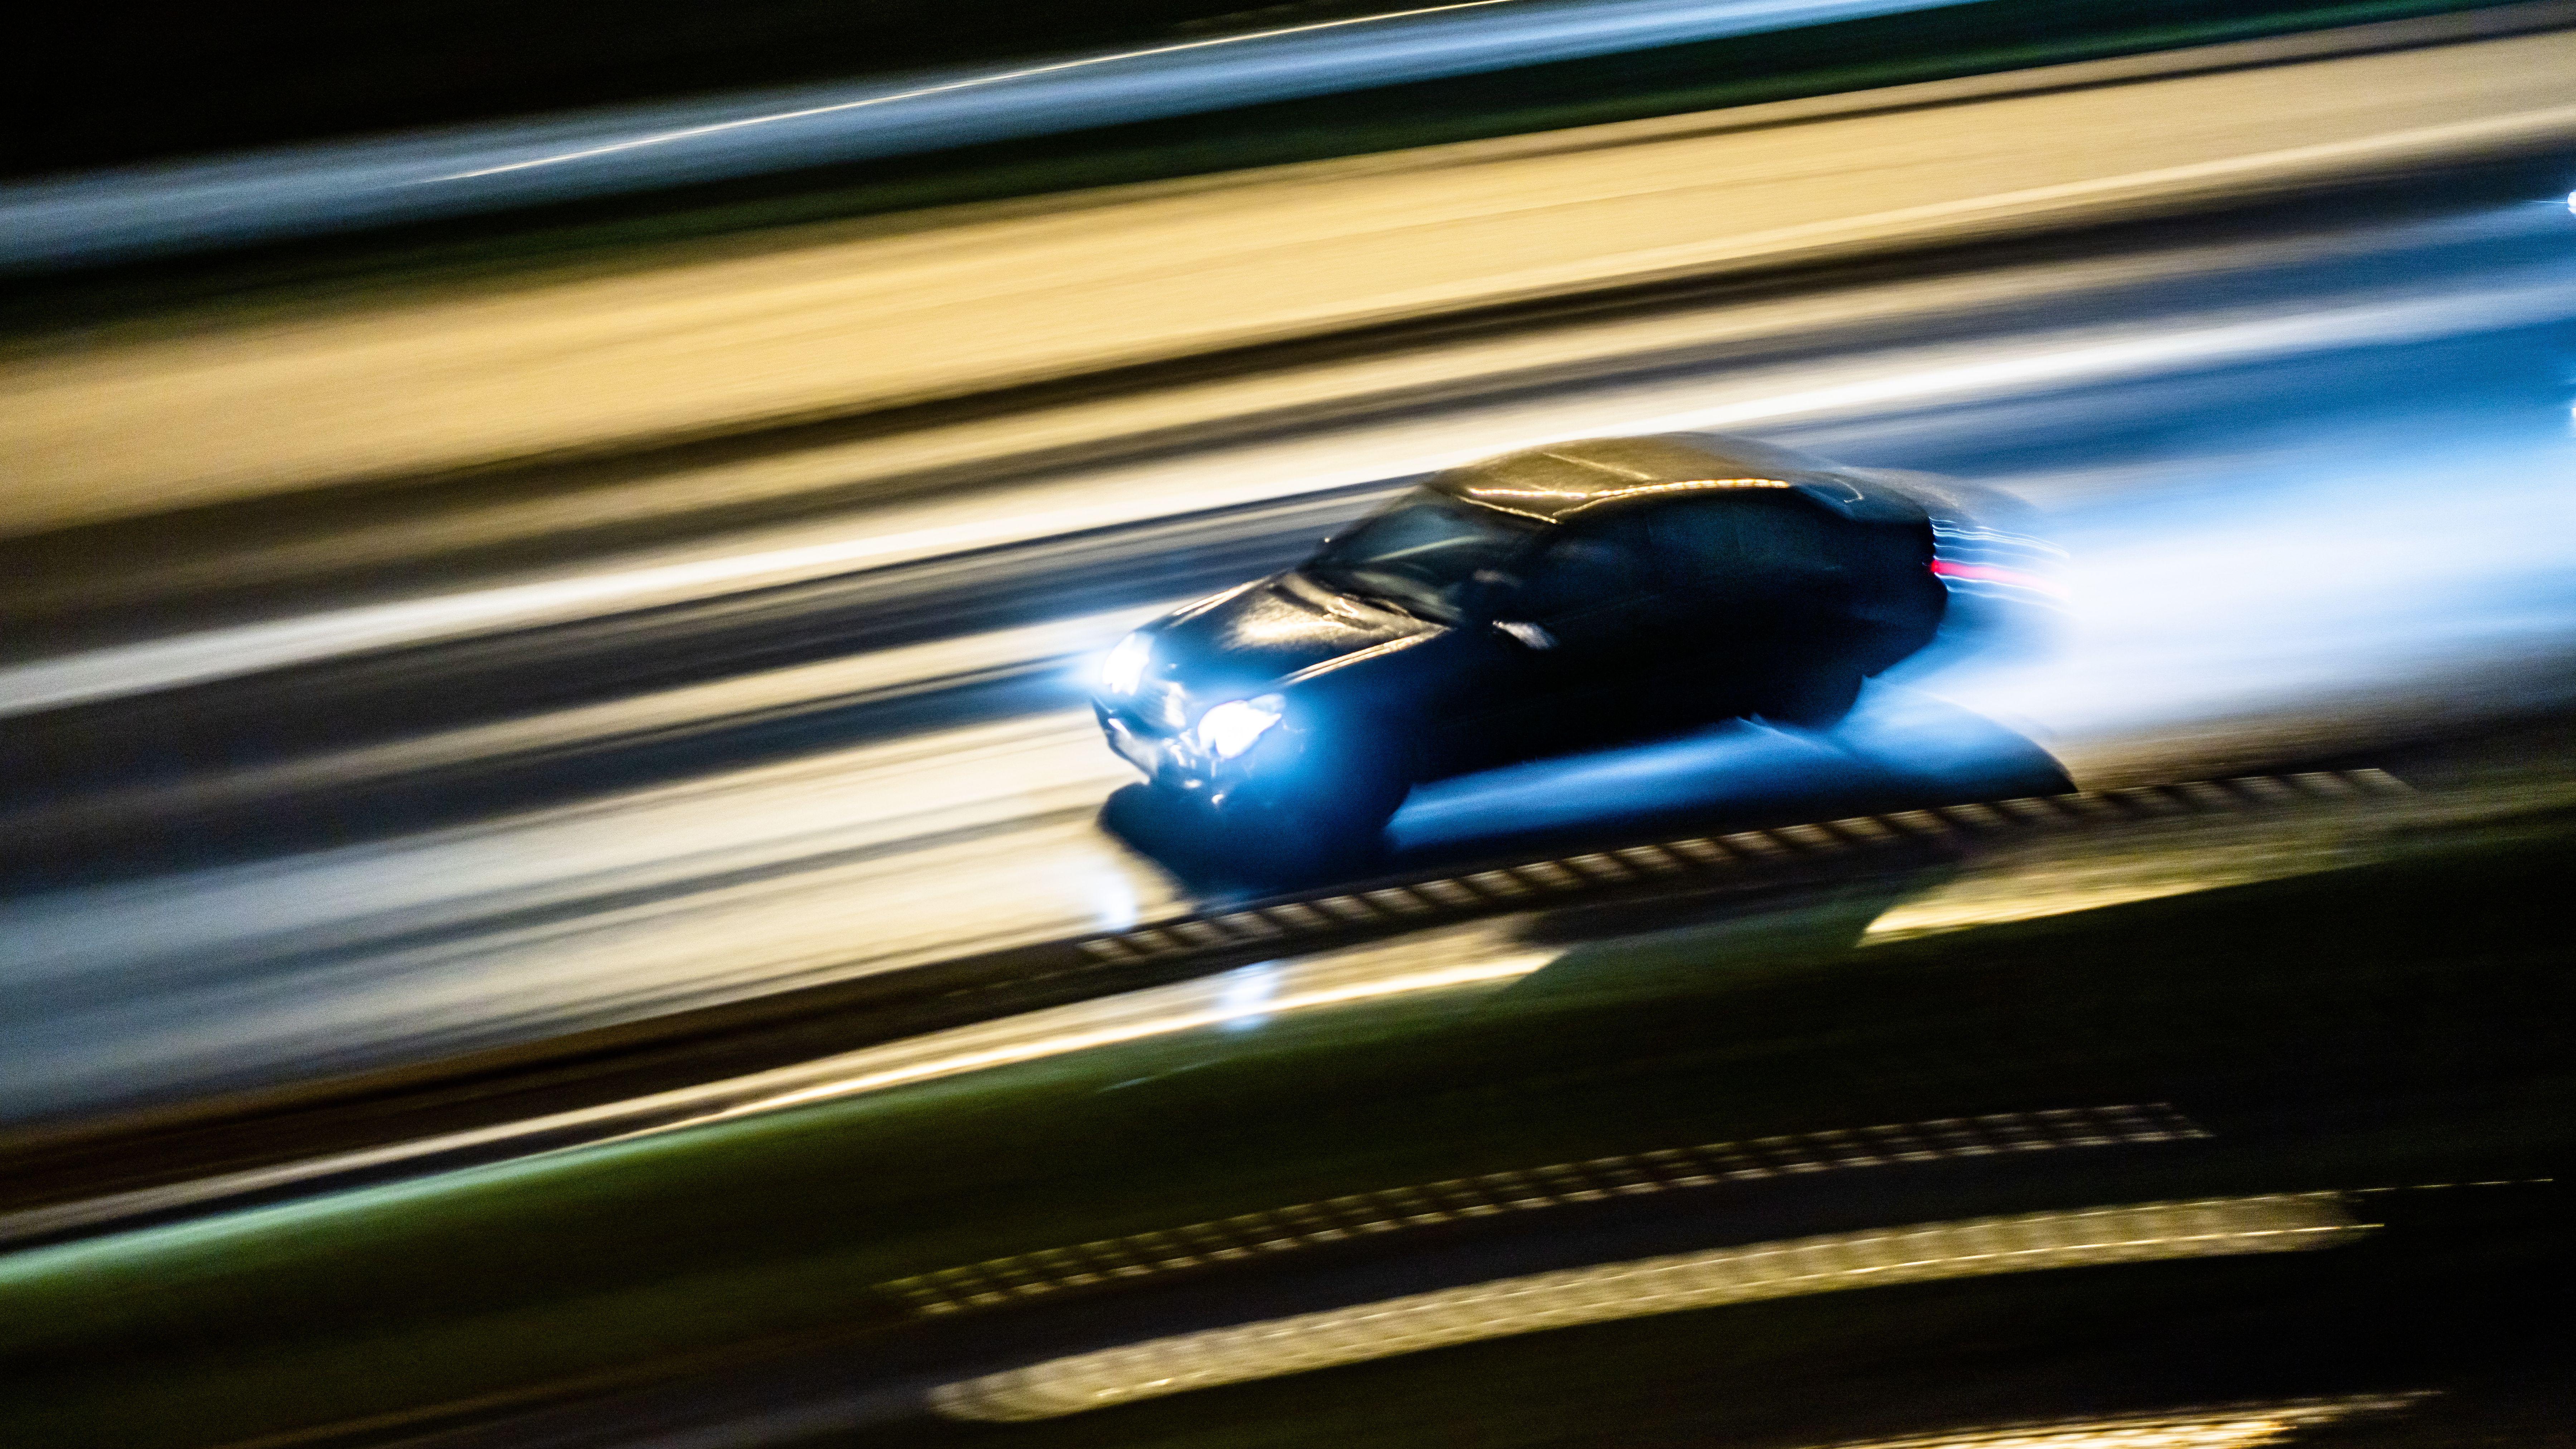 Schnell fahrendes Auto bei Nacht